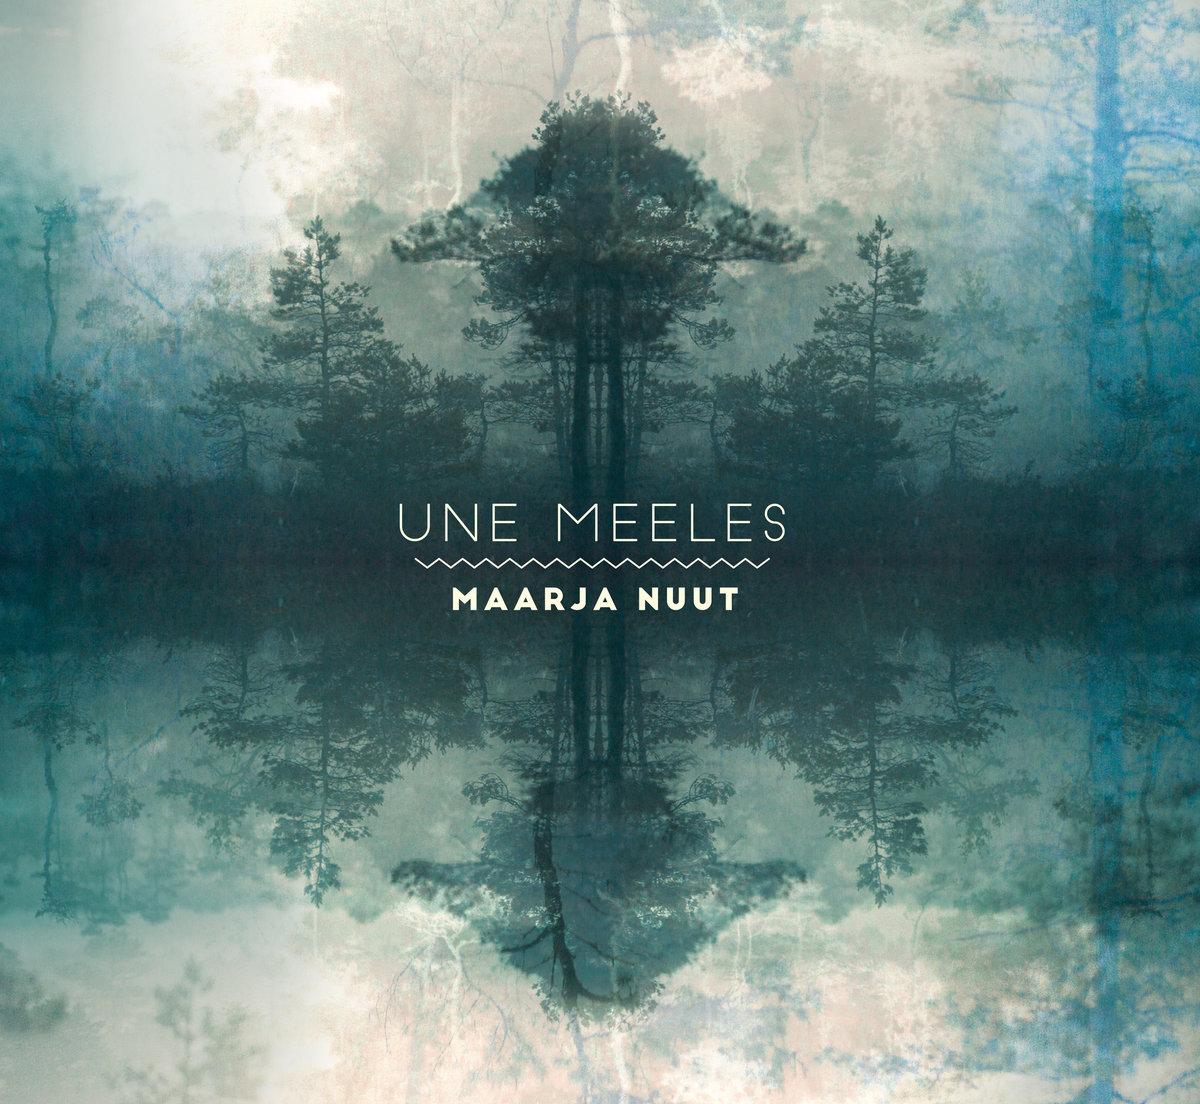 Maarja Nuut's Une Meeles